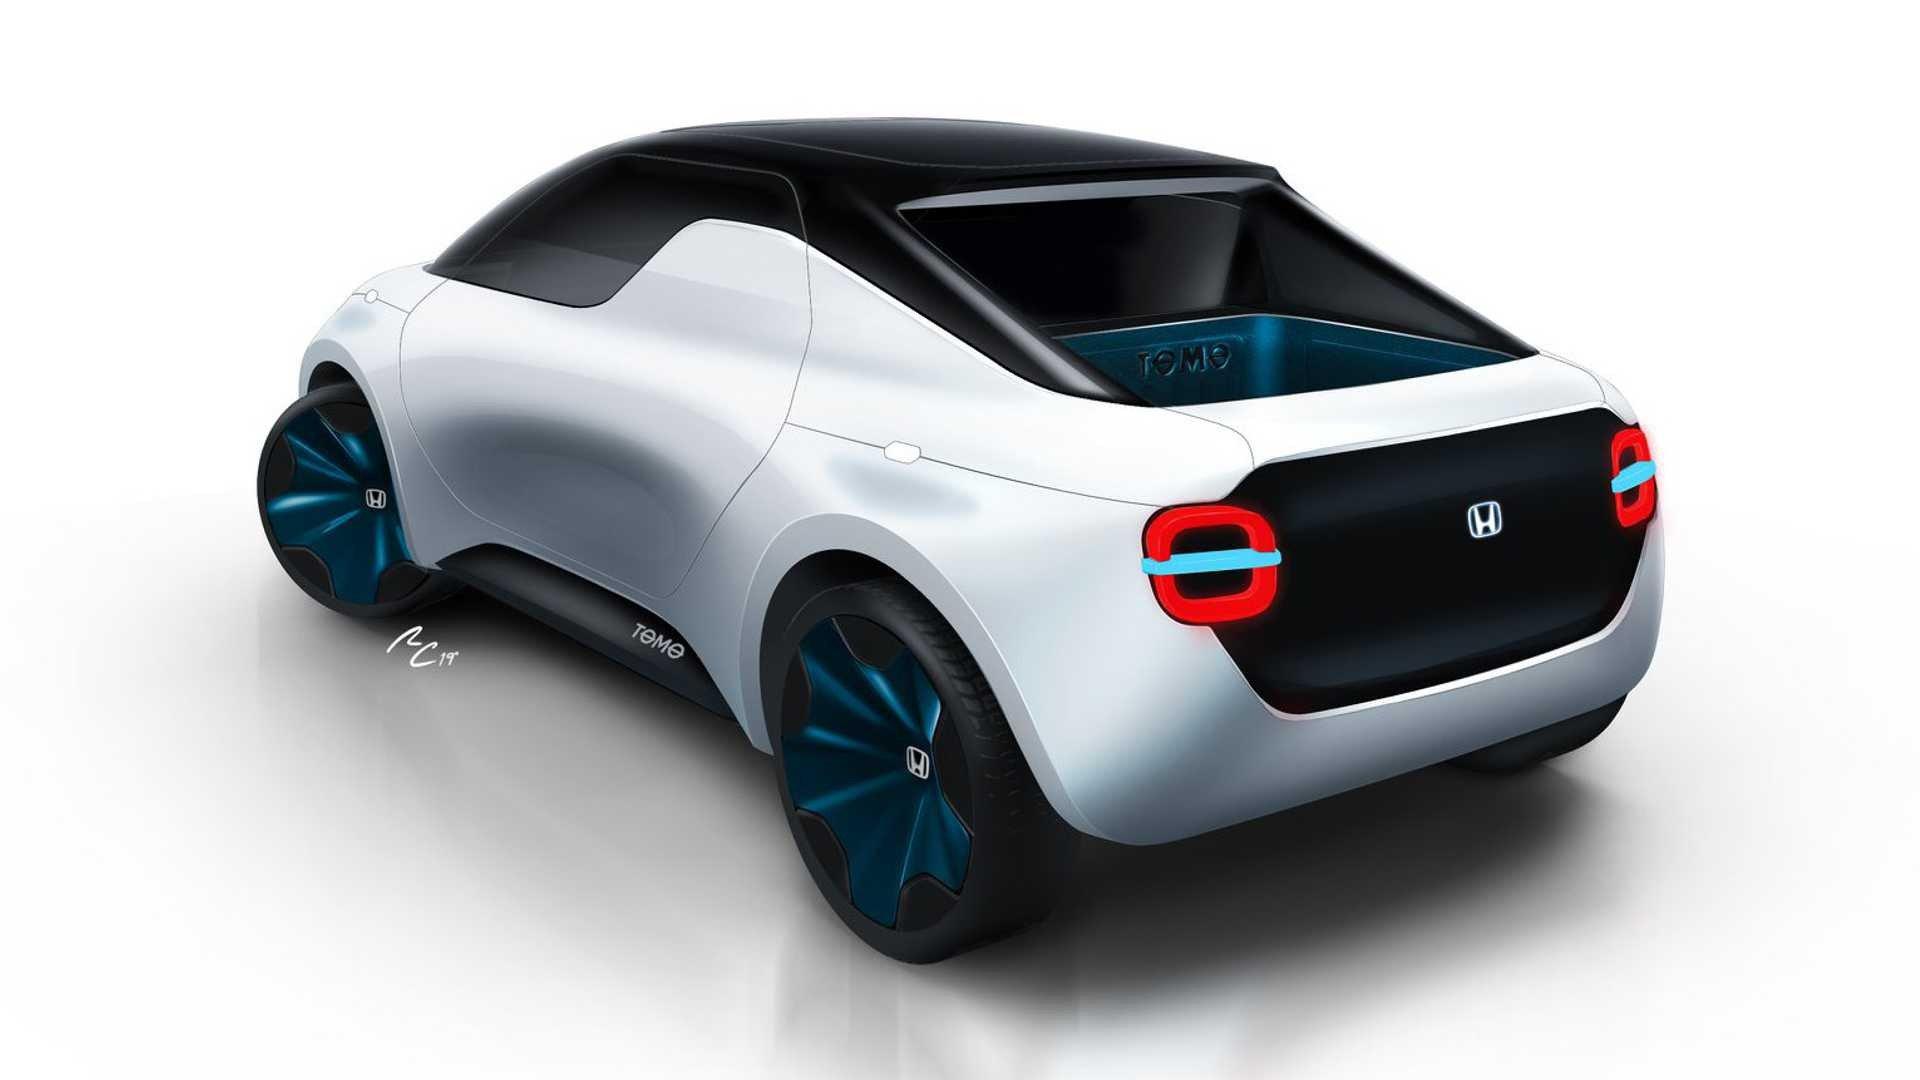 e9307517-honda-tomo-concept-3.jpg